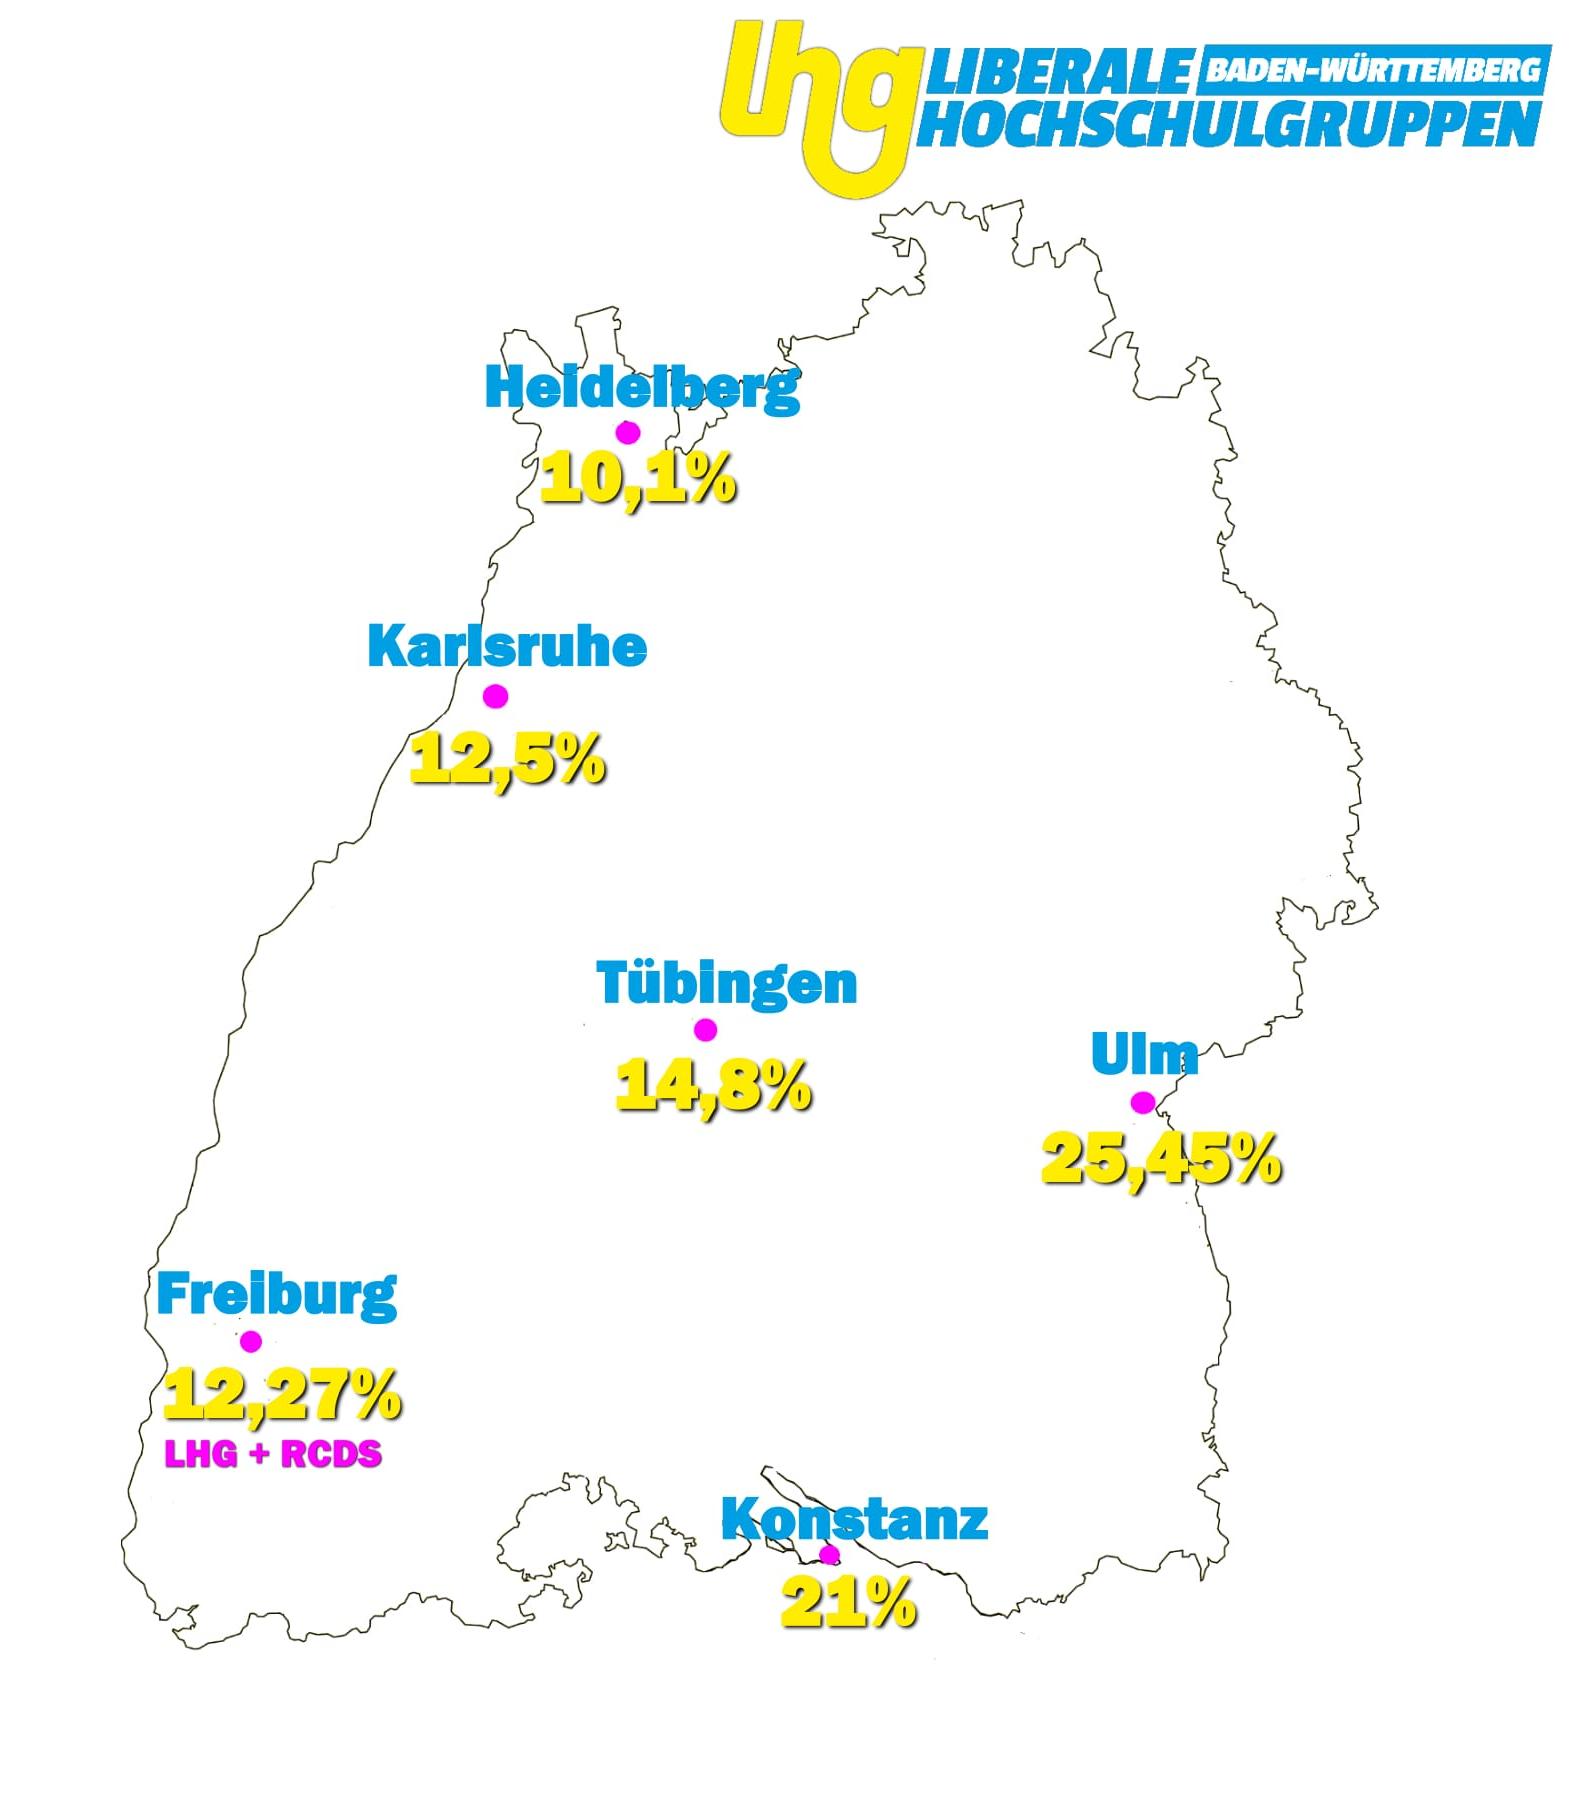 LHG-Ergebnisse der Hochschulwahlen 2017